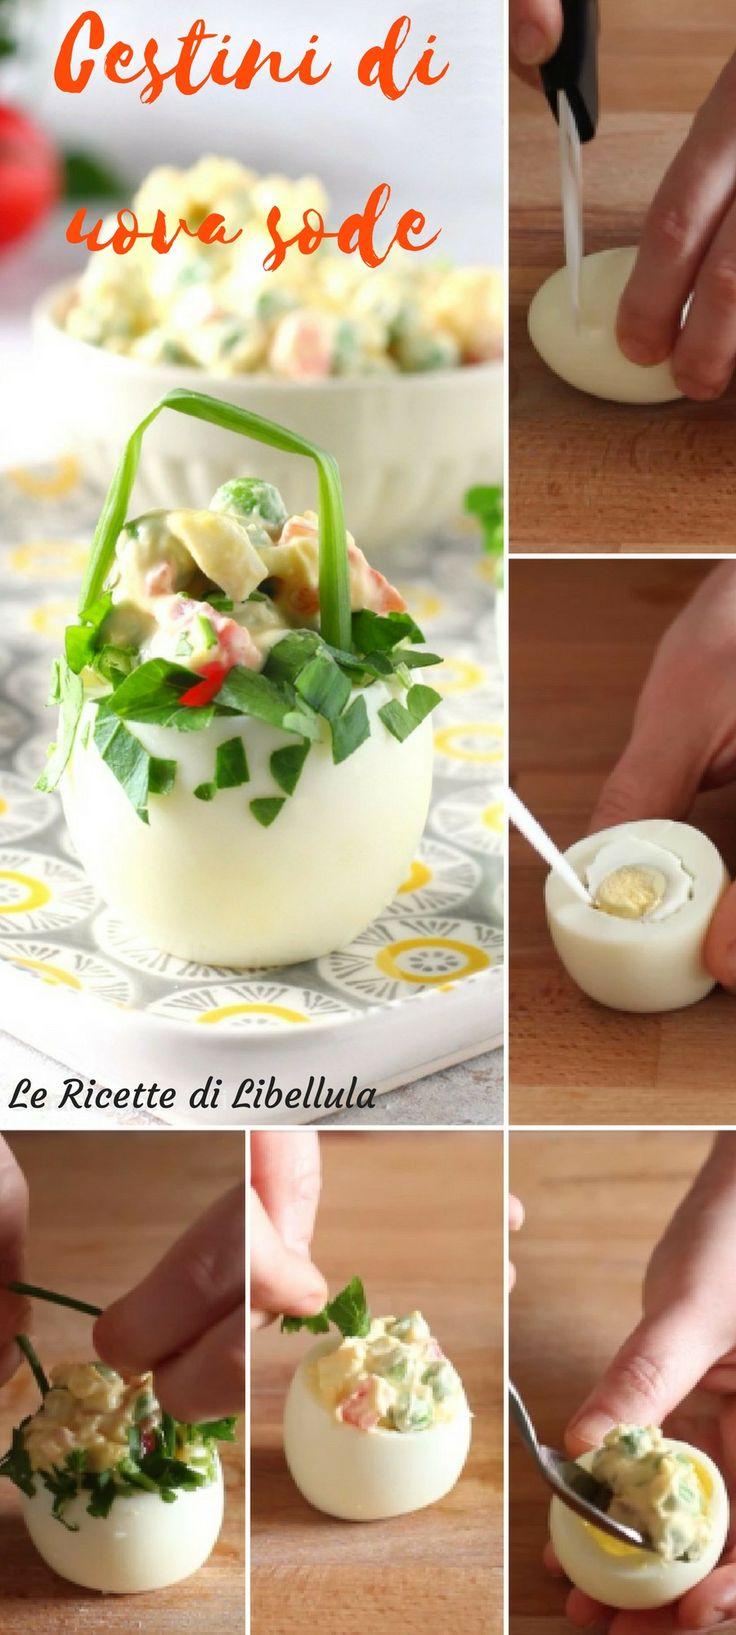 I cestini di uova sode sono degli originali e scenografici antipasti da servire a tavola per il pranzo Pasqua o Pasquetta. Questi cestini sono facili da realizzare e sono ripieni di un composto simile all'insalata russa. Leggi la ricetta!